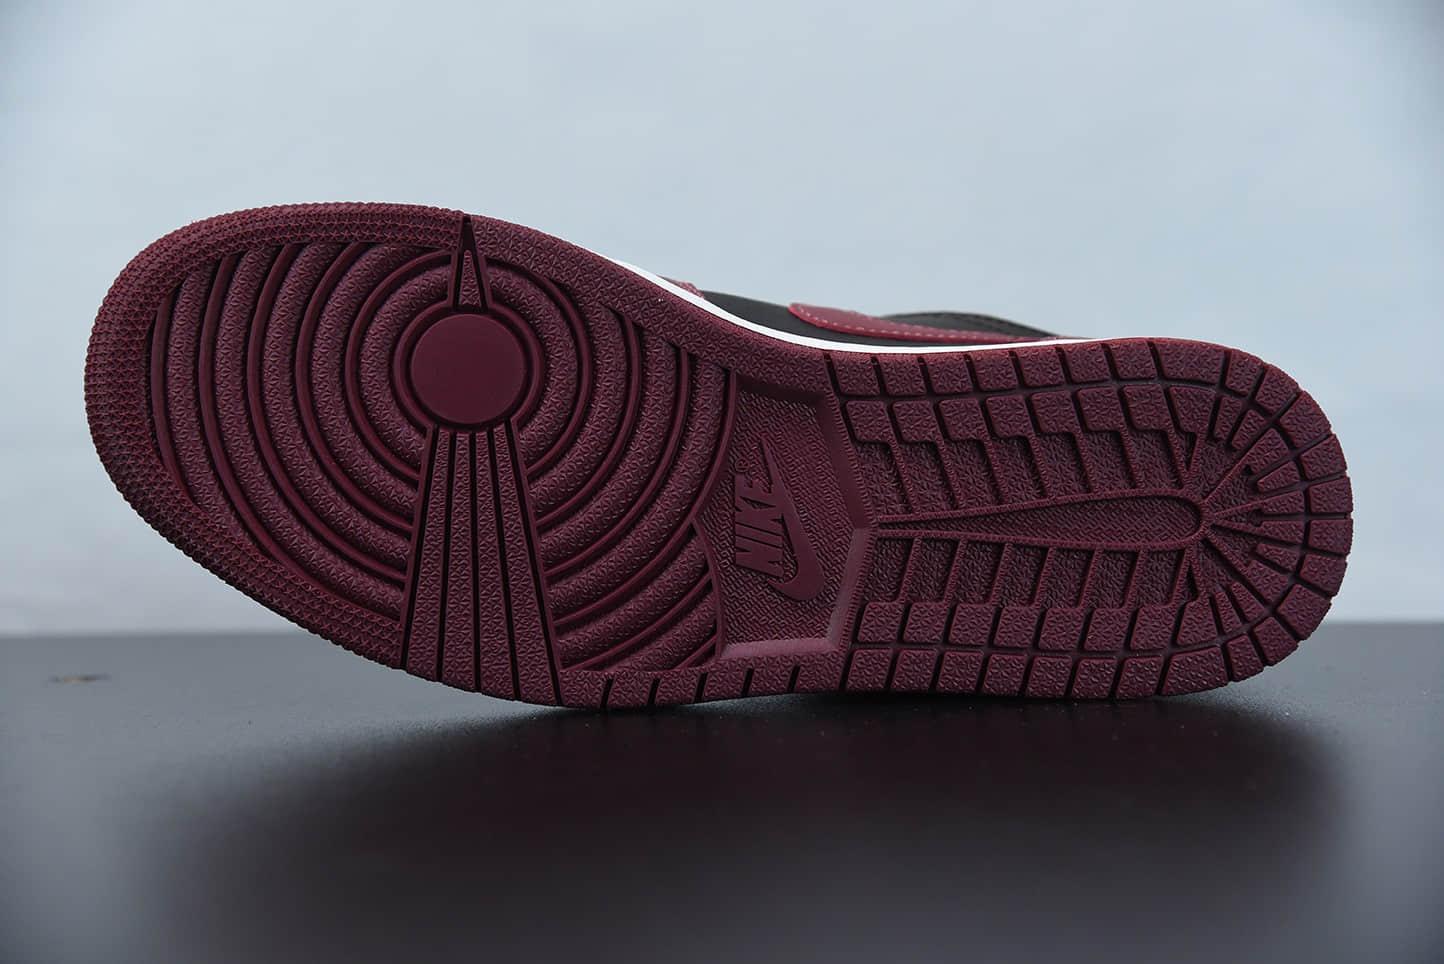 乔丹Air Jordan 1 Low 黑酒红金属飞翼低帮休闲鞋纯原版本 货号:DB6491-600